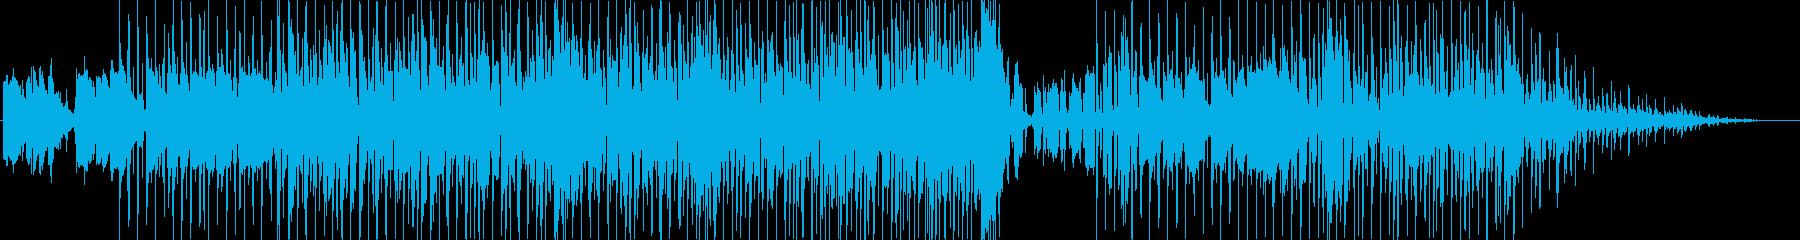 魅力的なイントロの後の歌の種類はキ...の再生済みの波形